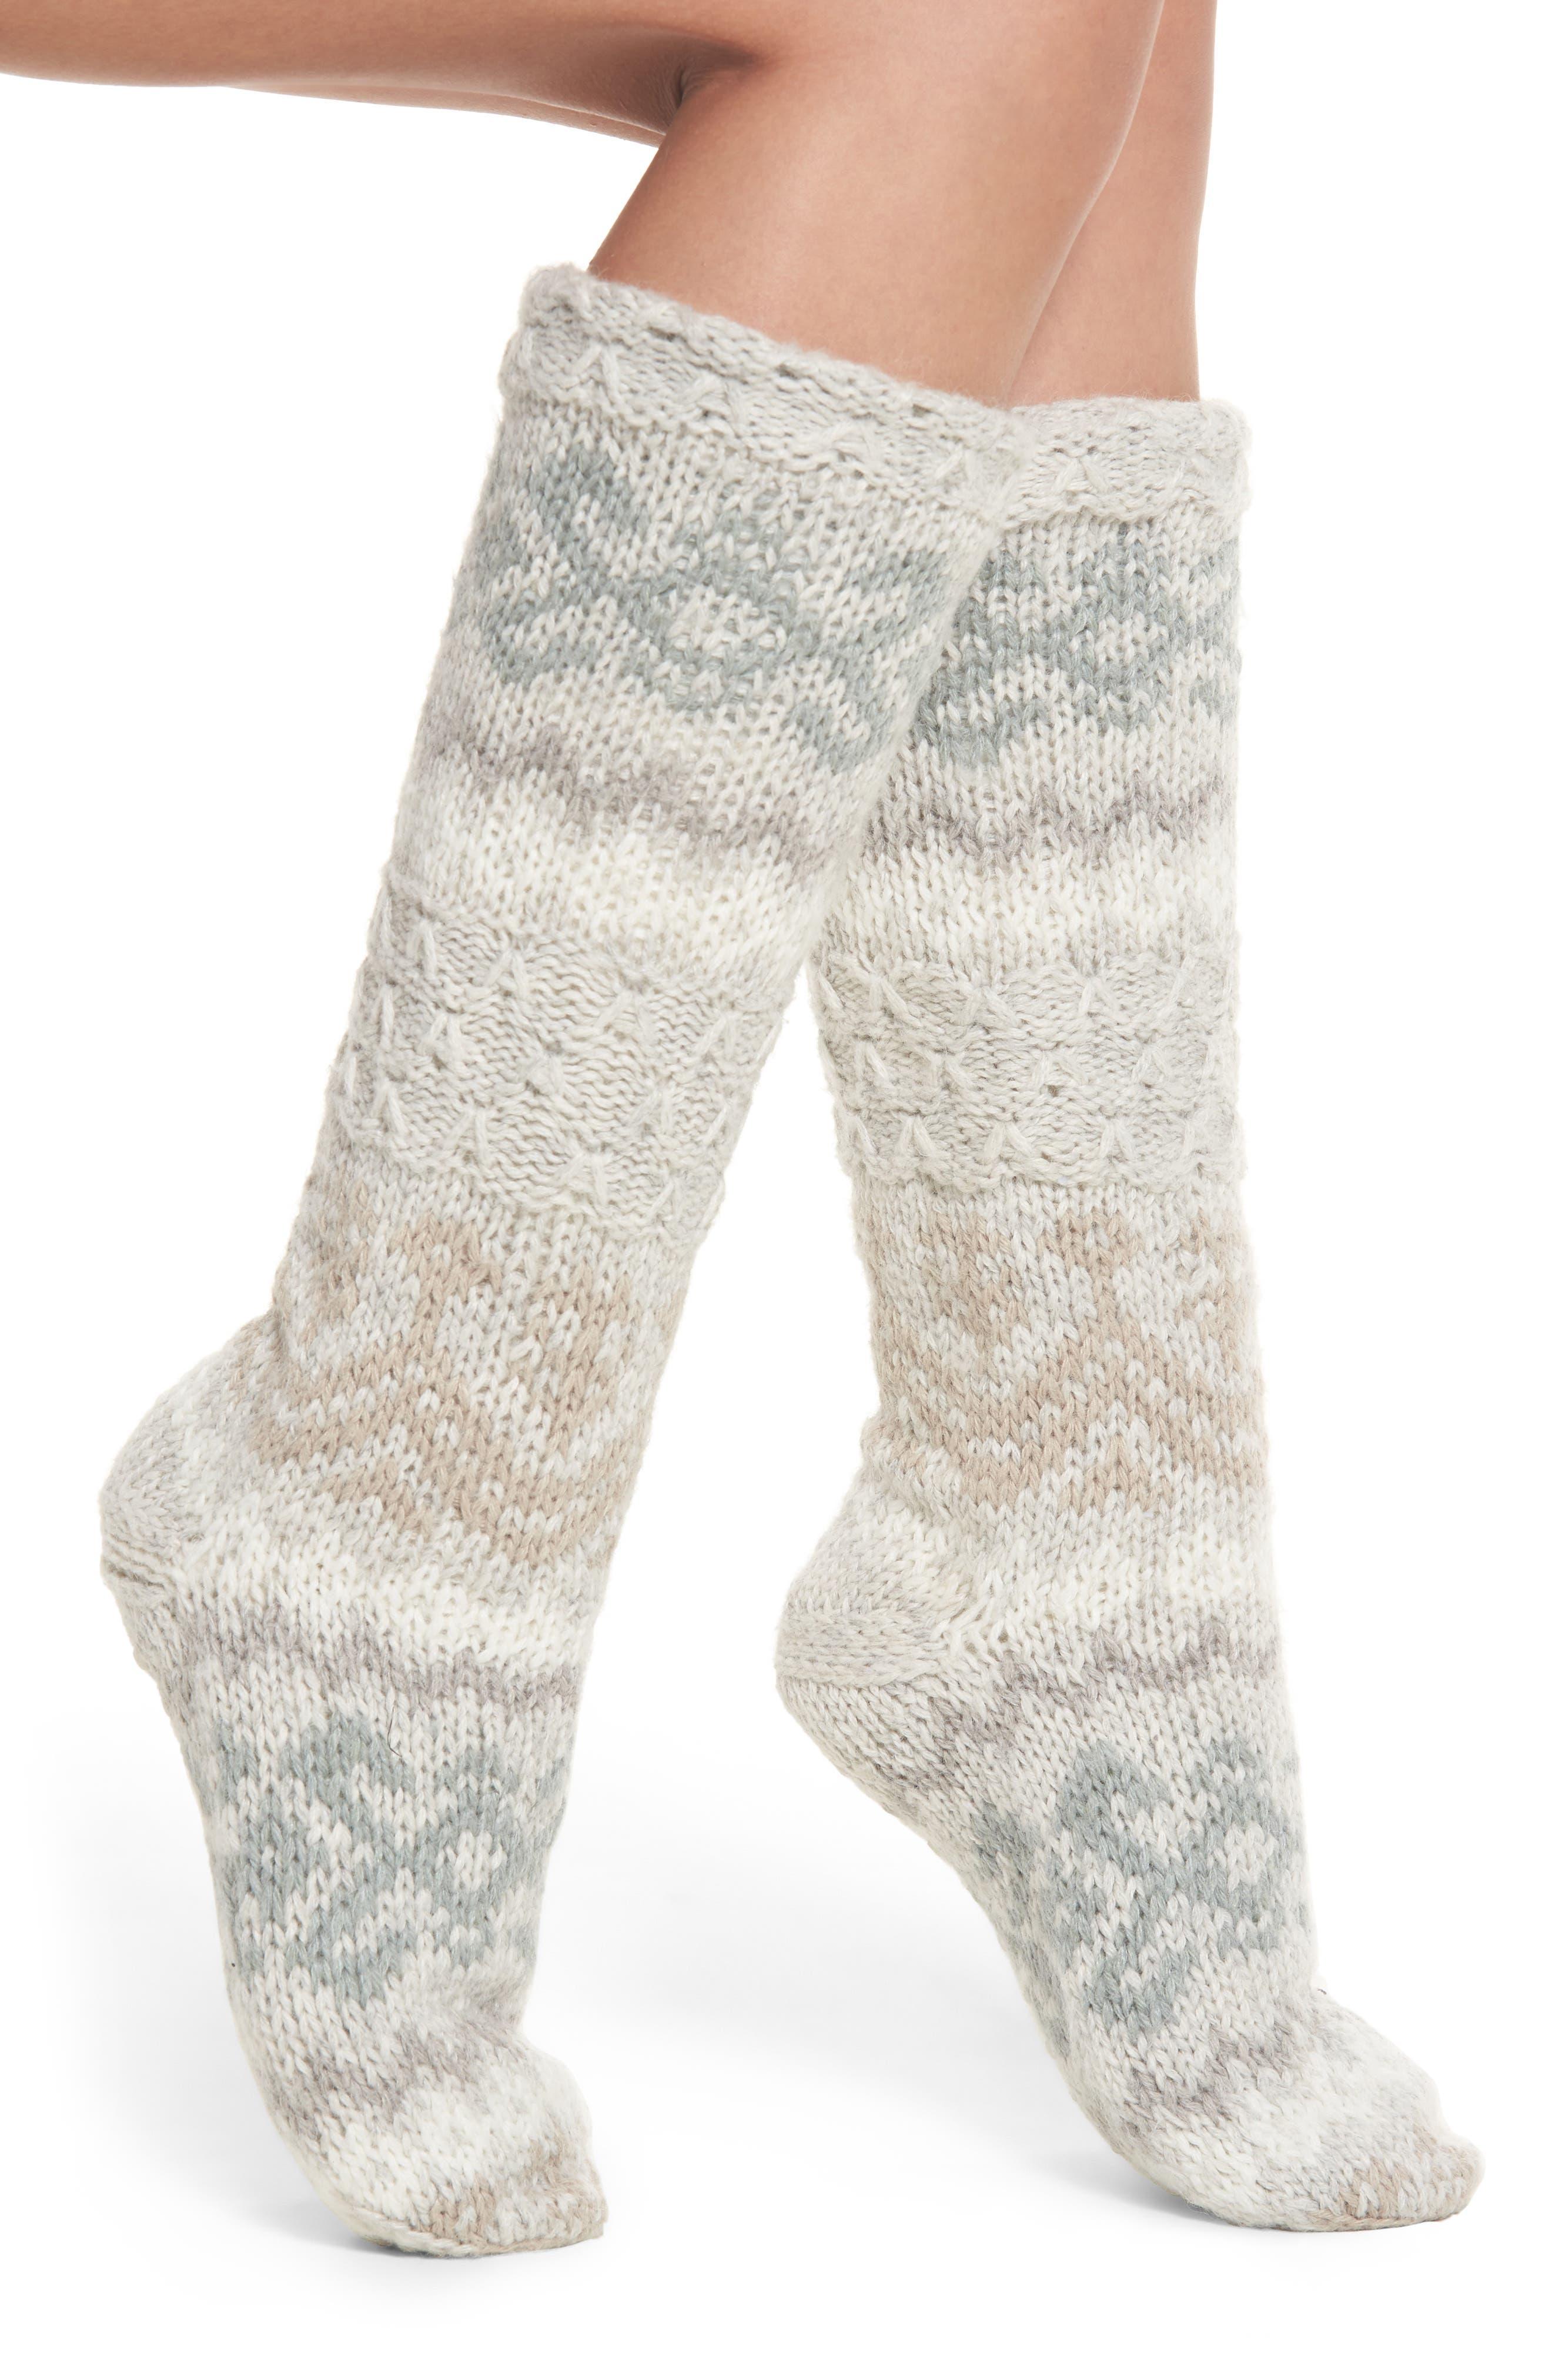 Main Image - Lemon Fair Isle Slipper Socks